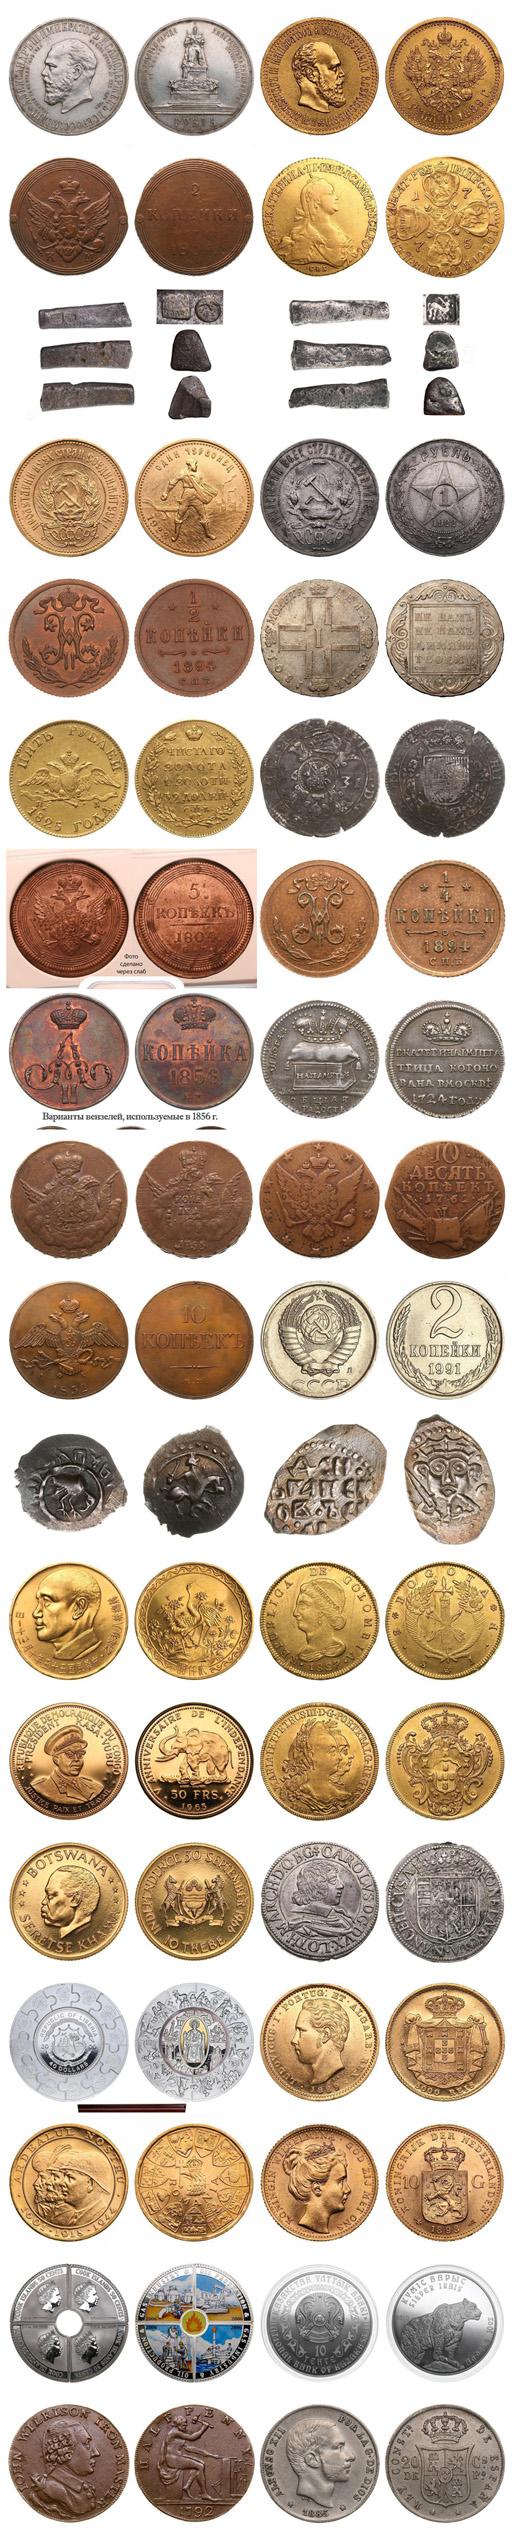 аукцион античных боспорских монет продать